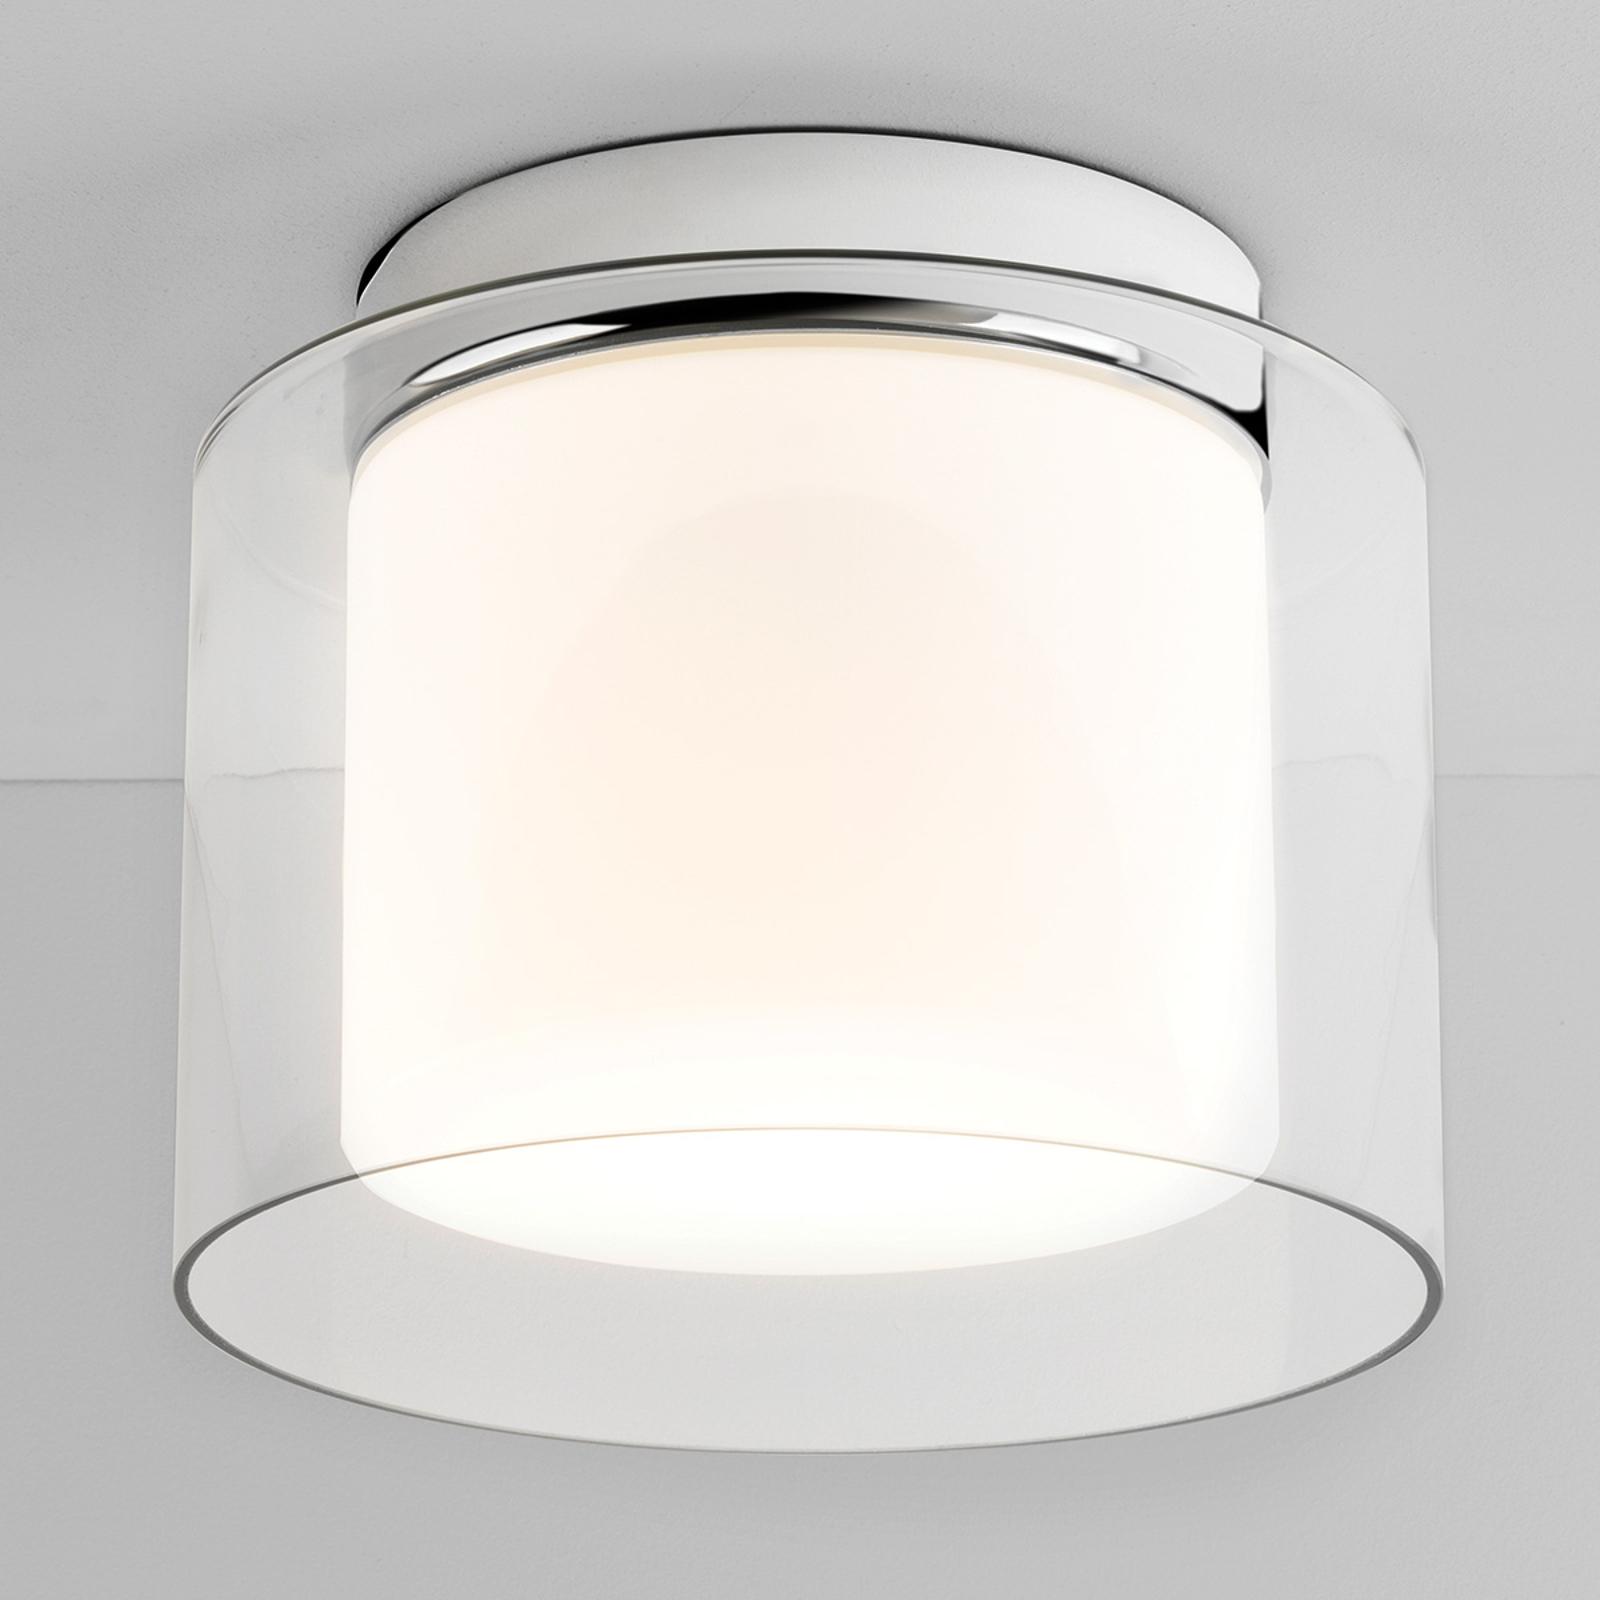 Lampa sufitowa AREZZO z podwójnym przeszkleniem